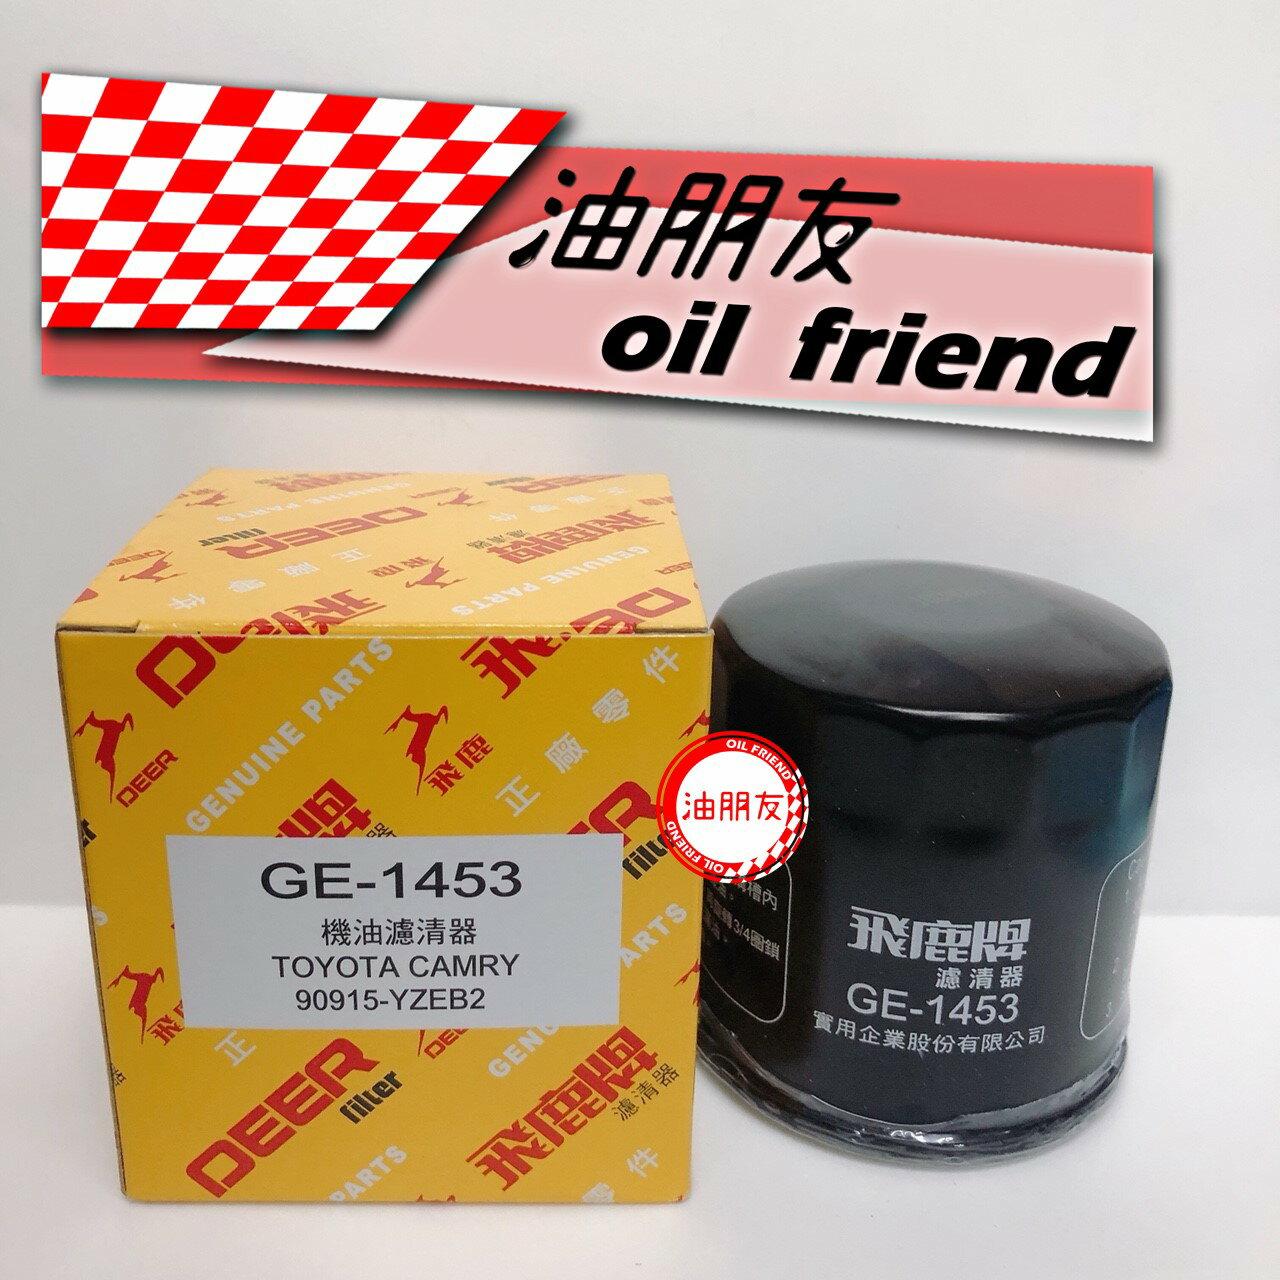 -油朋友- 豐田 TOYOTA CAMRY 2.0 06-12 GE-1453 GE1453 飛鹿 機油芯 機油心